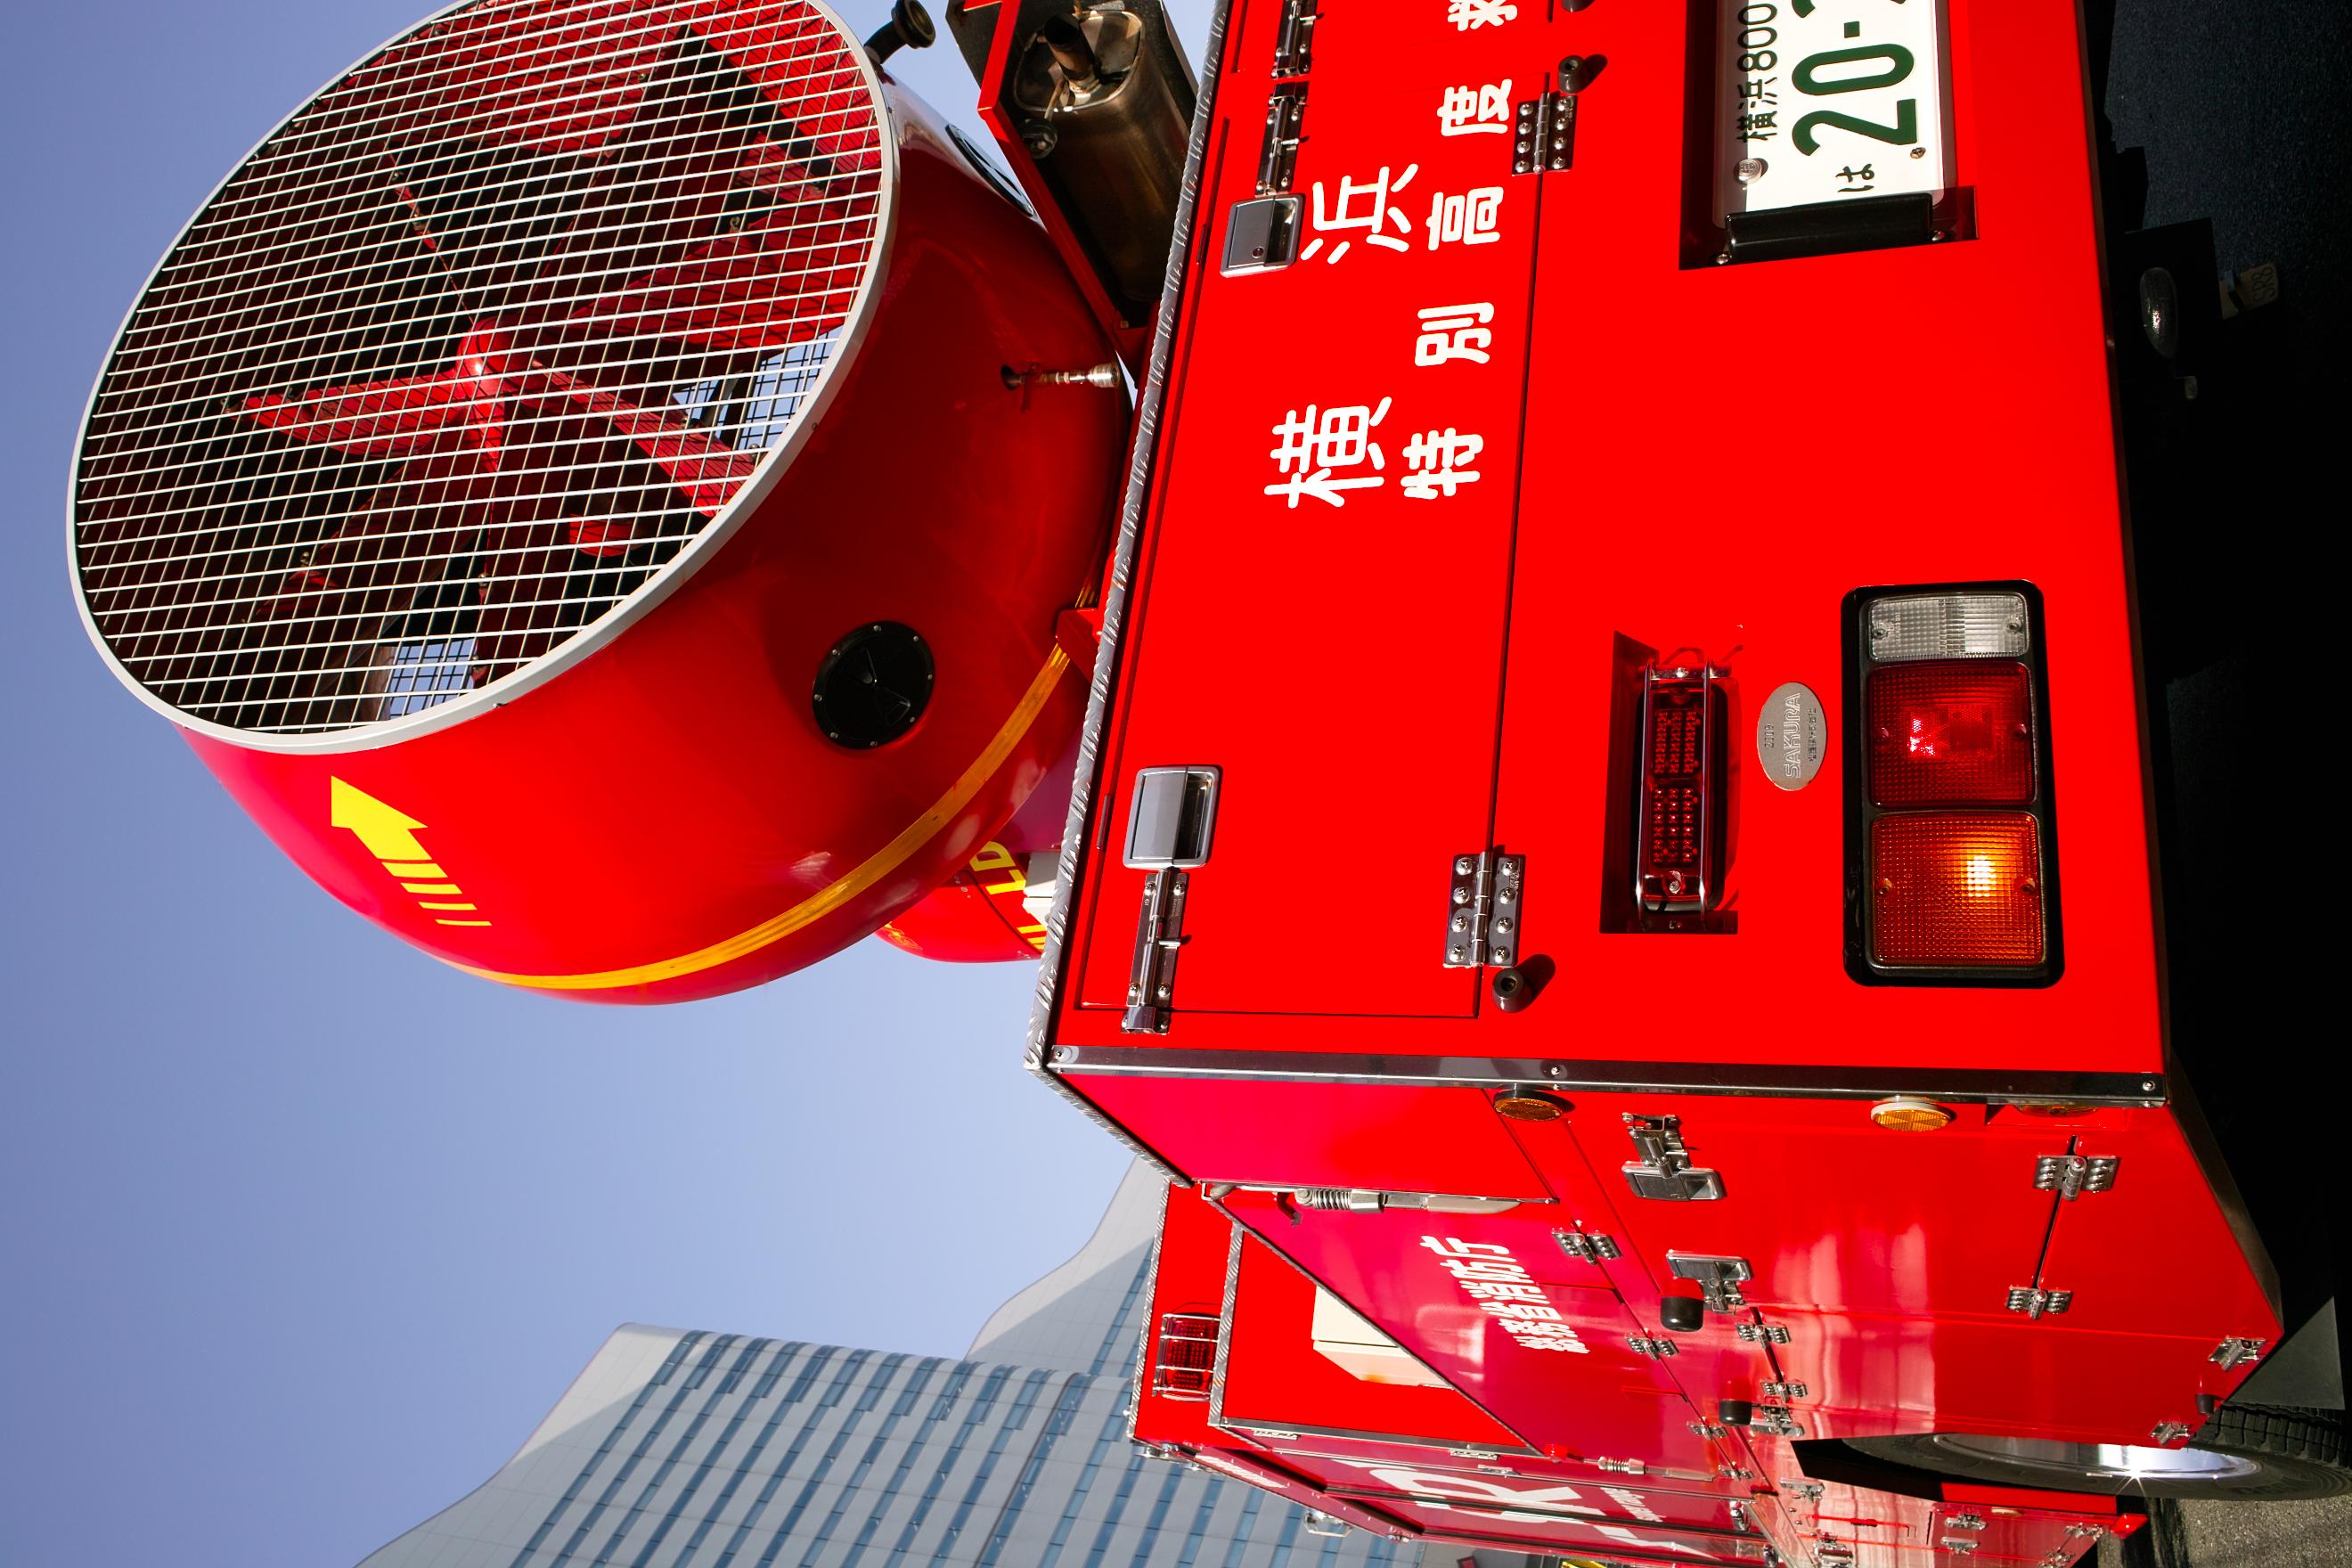 <b>赤の再現はデジタルカメラが苦手な部分と言われている。JPEGでも消防車の赤色が良く出ているが、ストレート現像では一段と鮮烈な赤を表現できた。オートは明るめでパリッとした仕上り。共通設定:DP1x / 2,640×1,760 / 1/160秒 / F8 / 0EV / ISO100 / 絞り優先AE / WB:晴れ / 16.6mm</b>